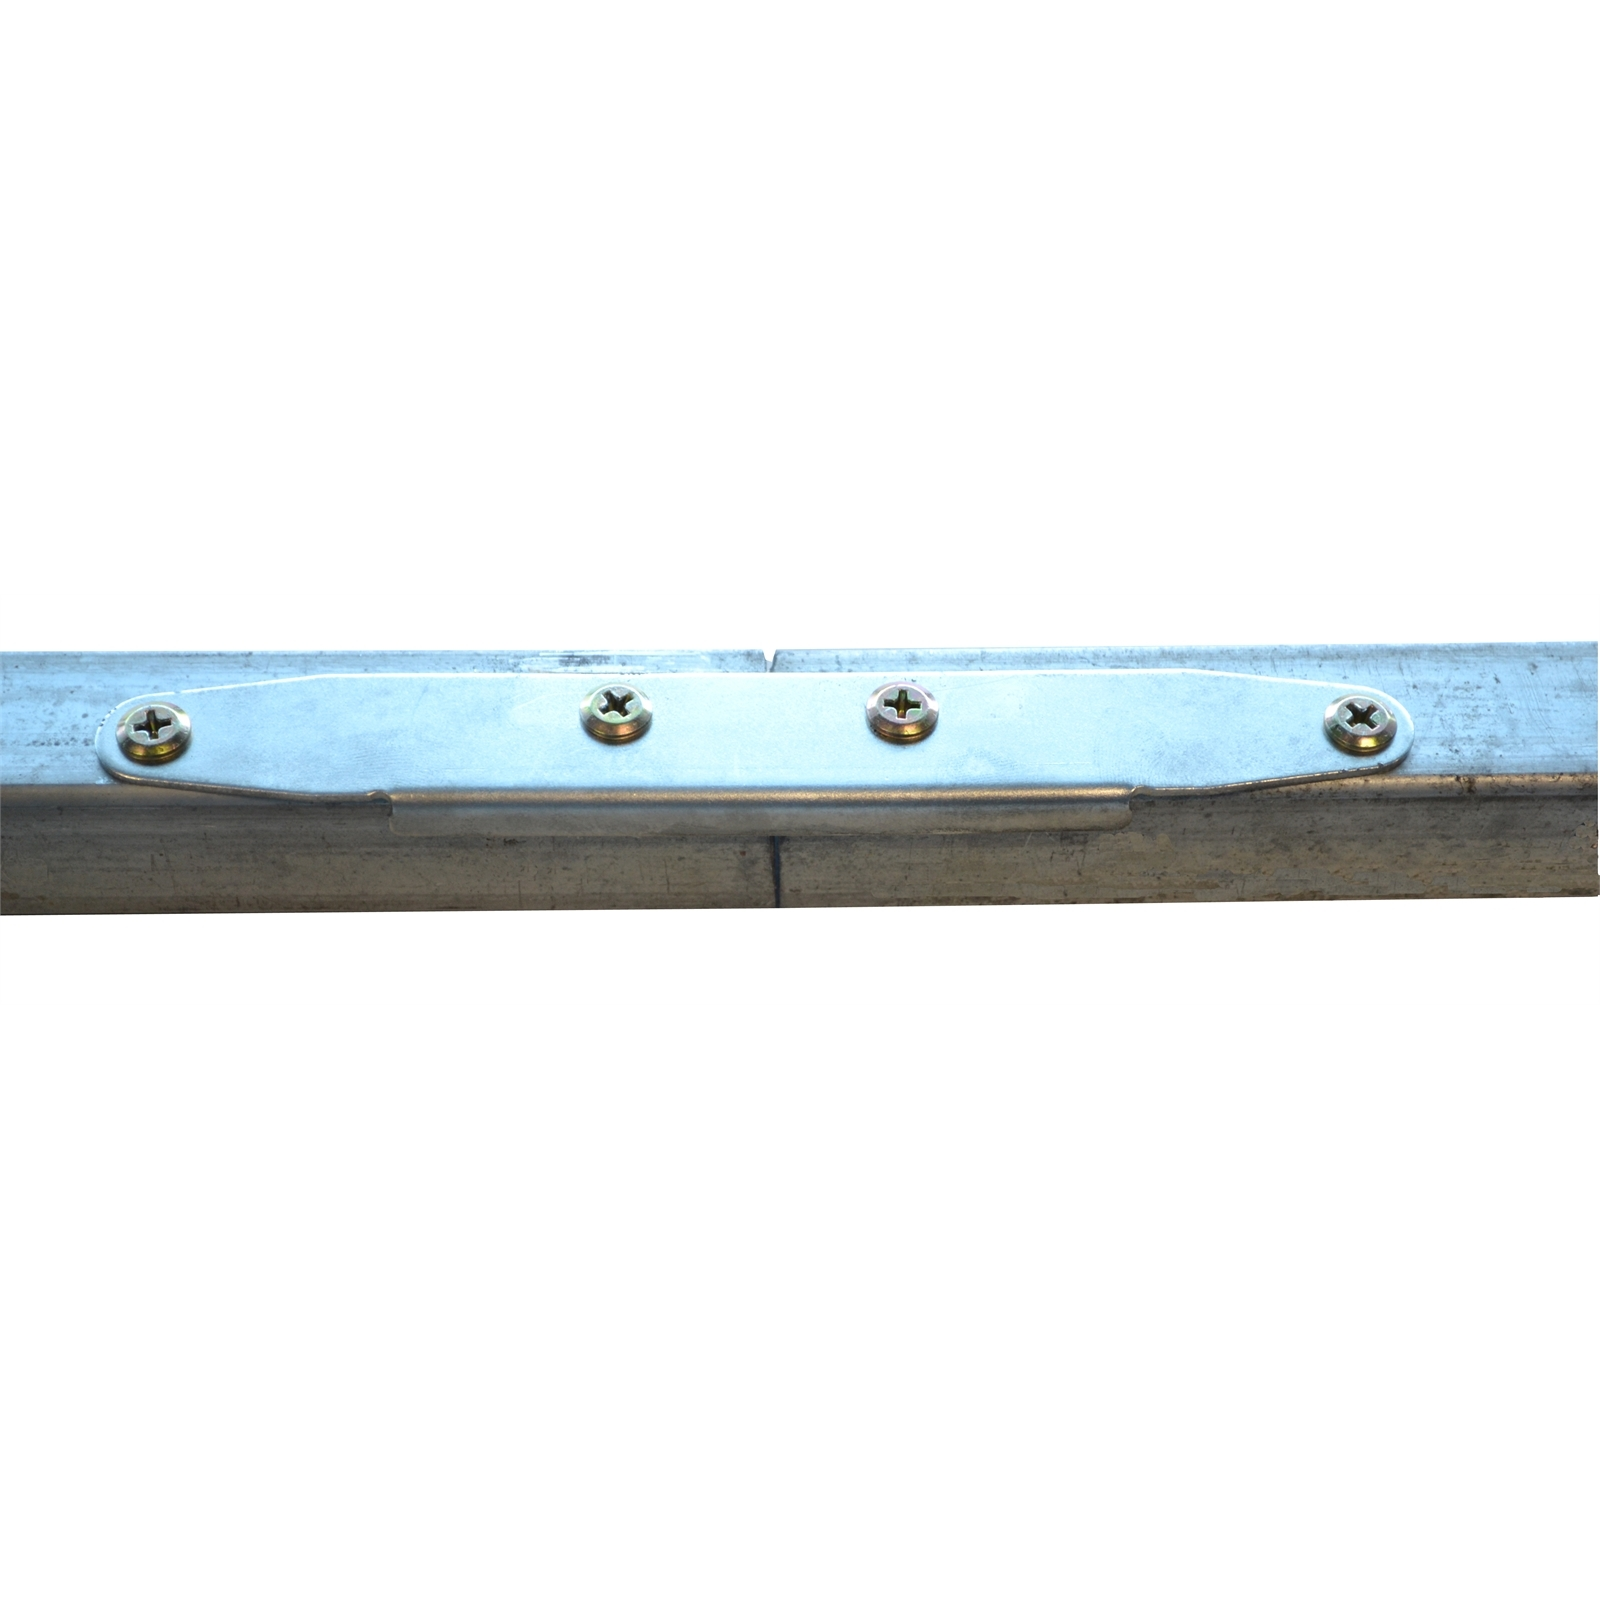 Metal Mate 165 x 21 x 7 x 1.5mm Galvanised Steel Joiner Plate